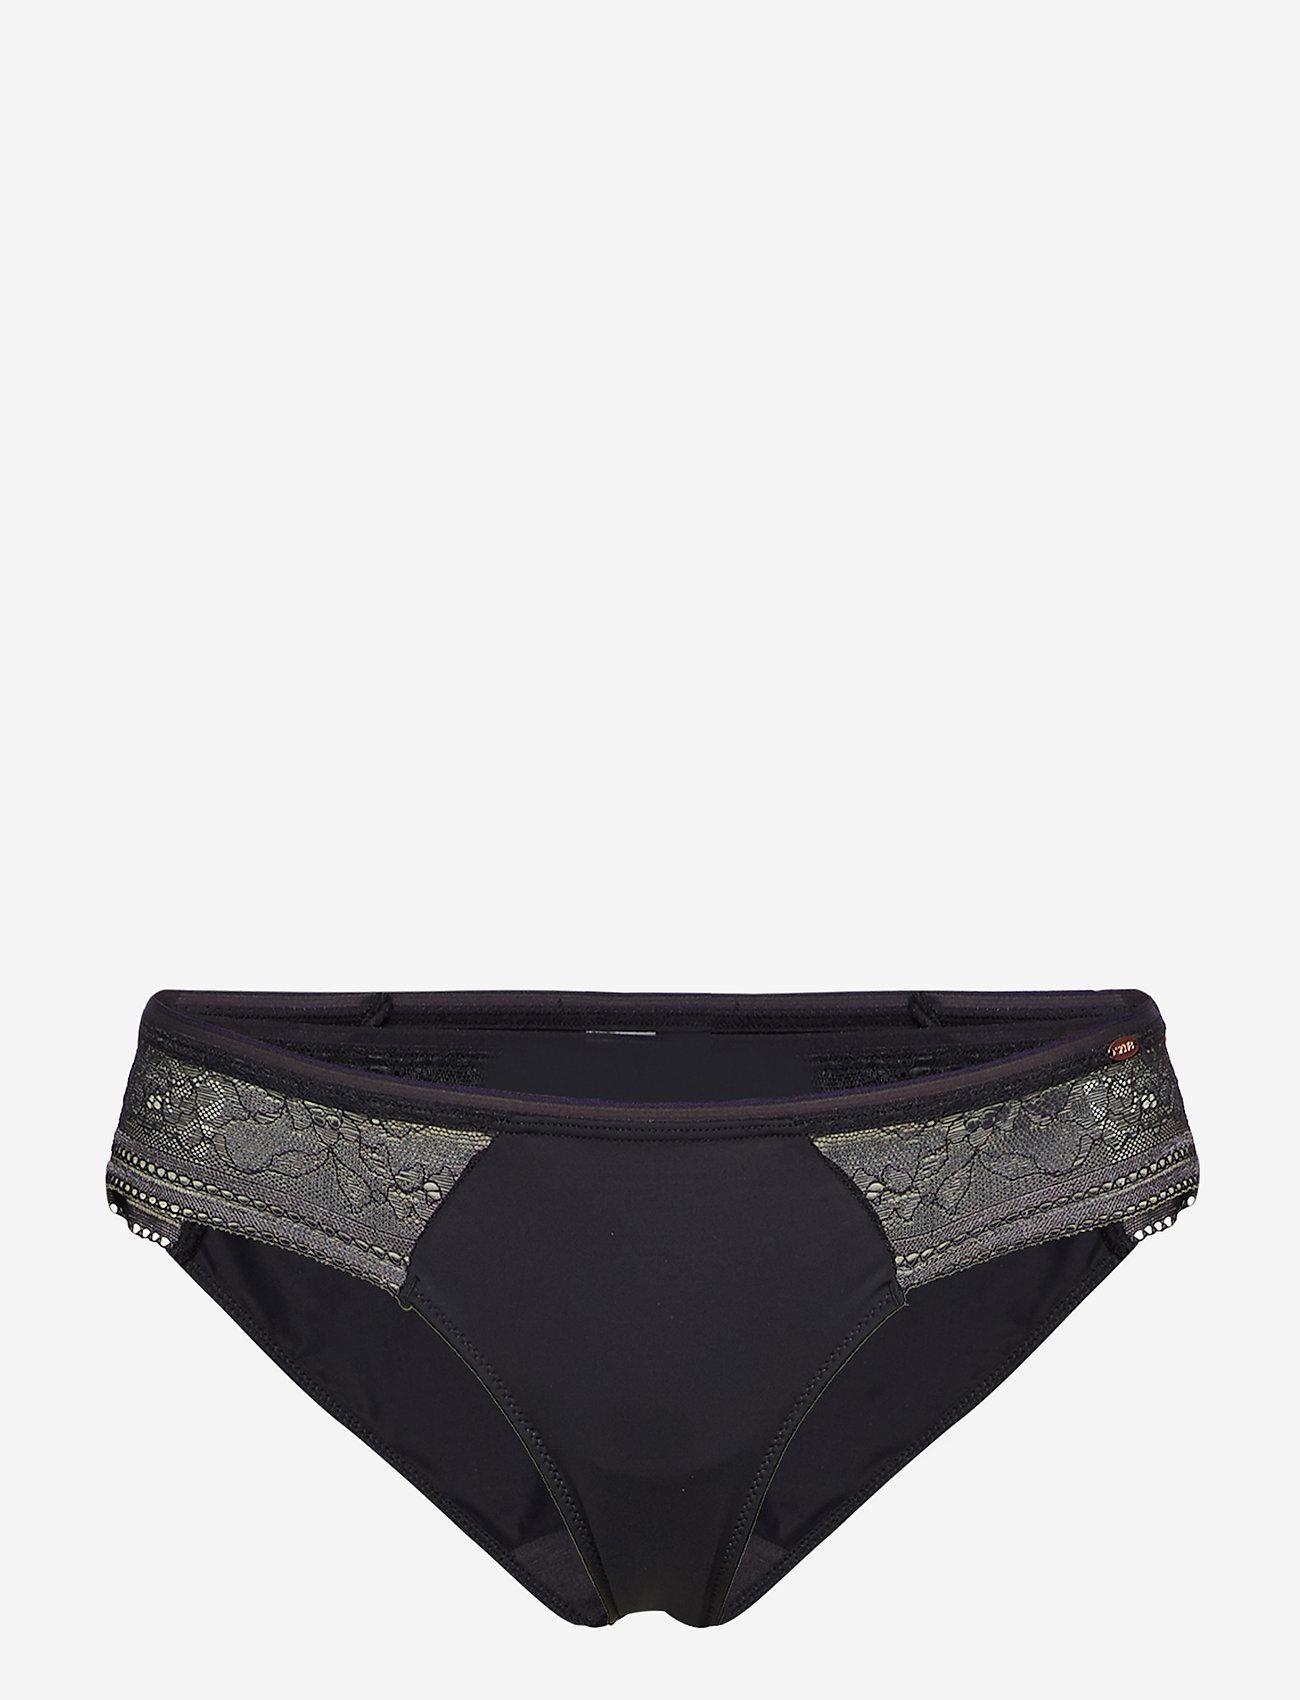 Skiny - L. bikini briefs - briefs - black - 0